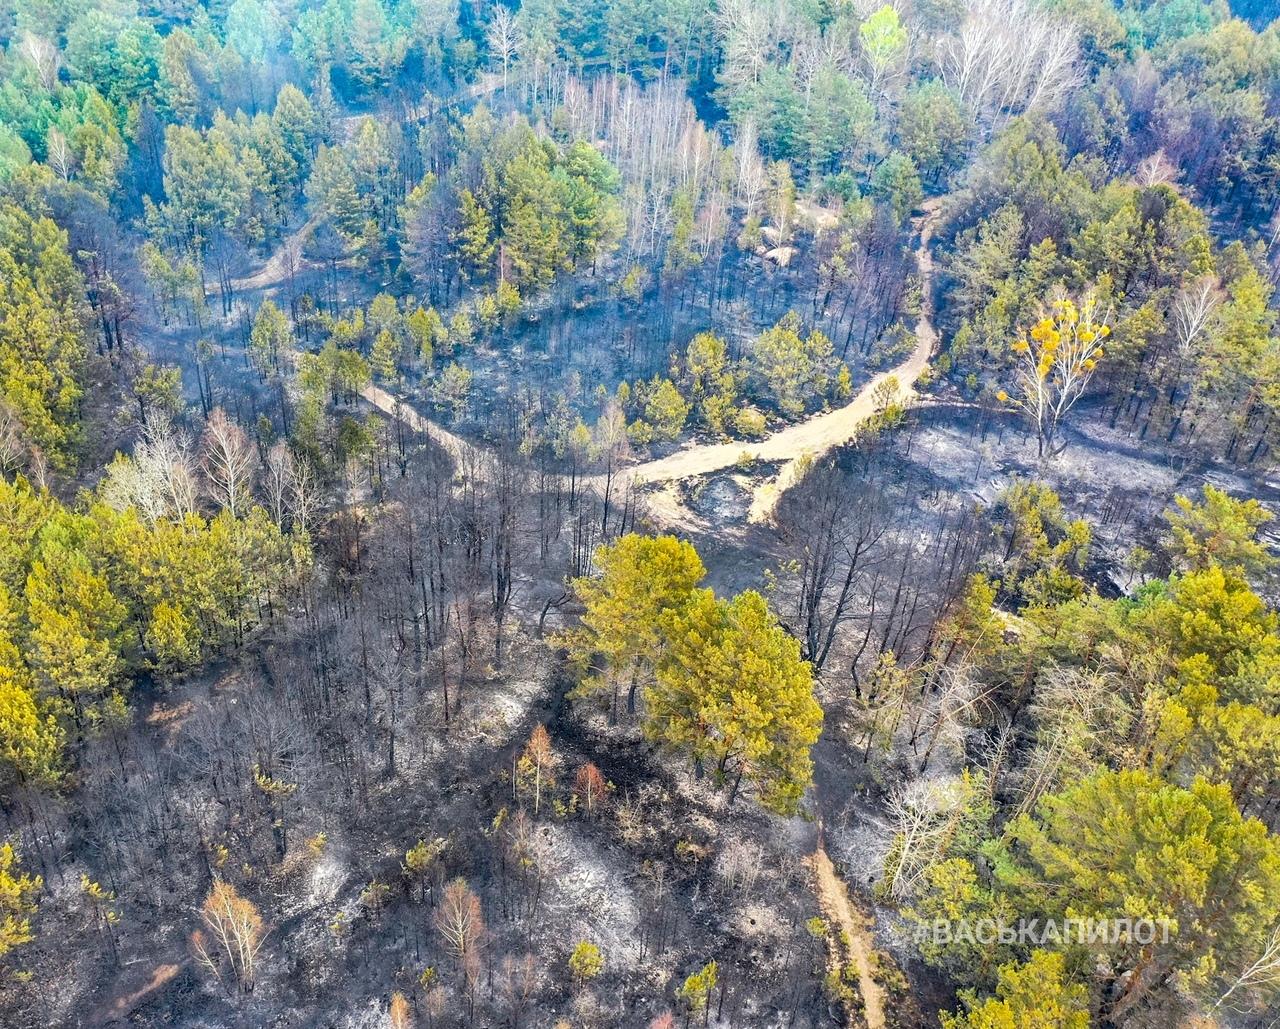 А вот как выглядит место вчерашнего пожара в районе Задворцев с высоты